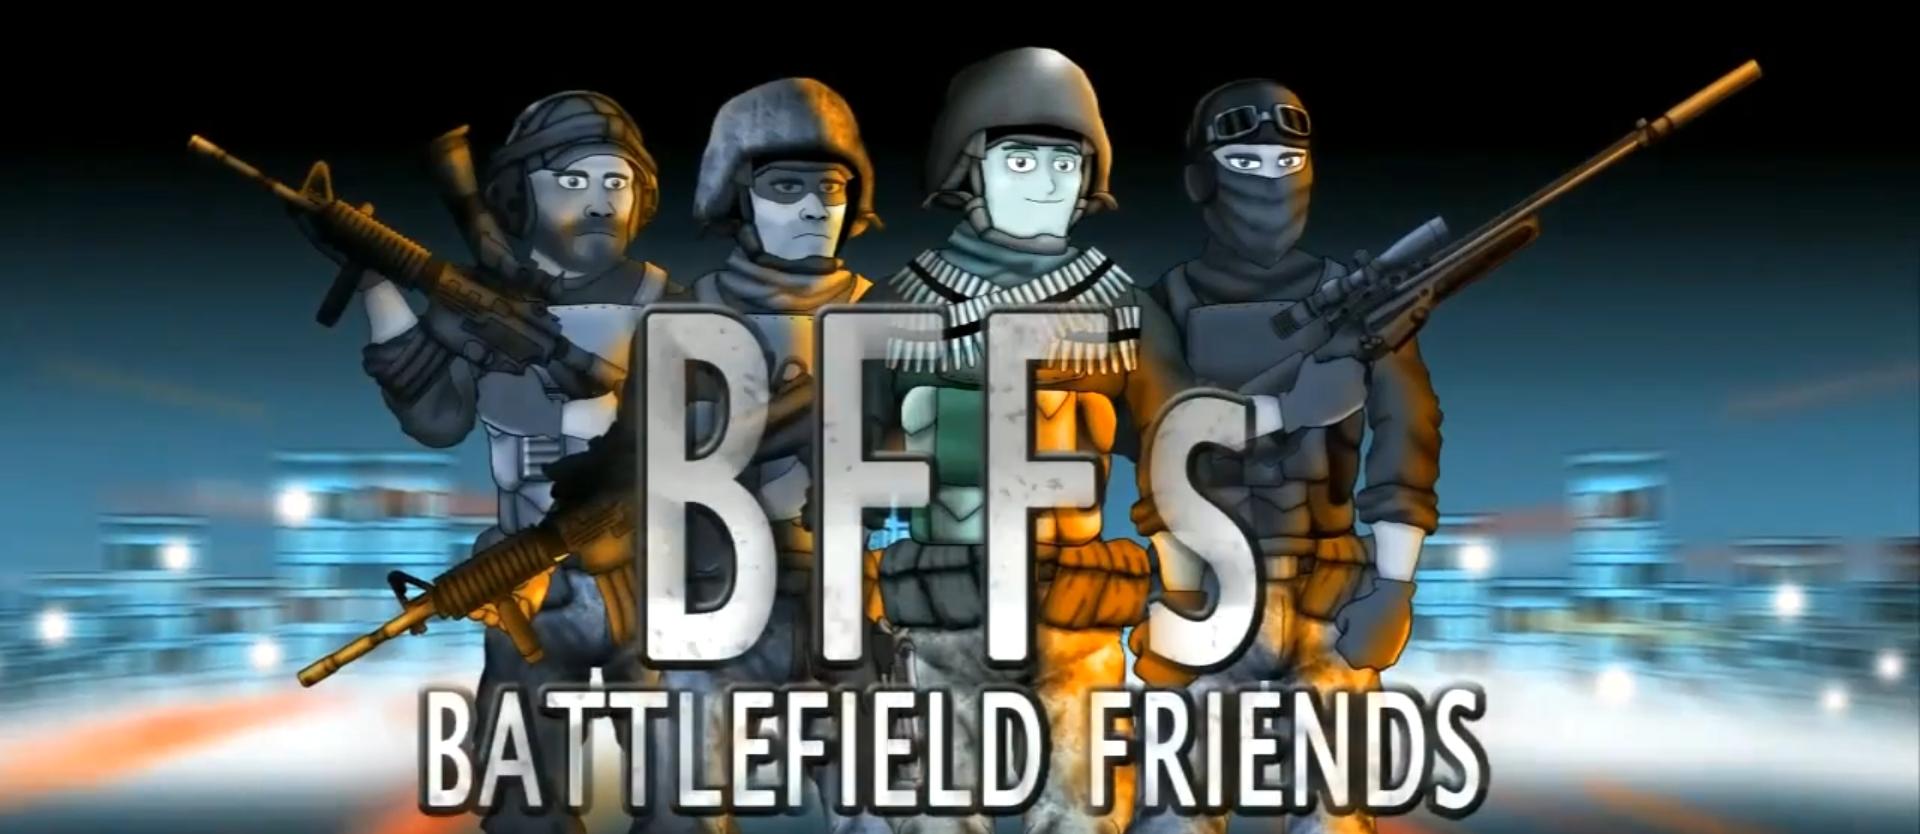 Друзья по Battlefield - Девушка-геймер (3 сезон, 12 серия)